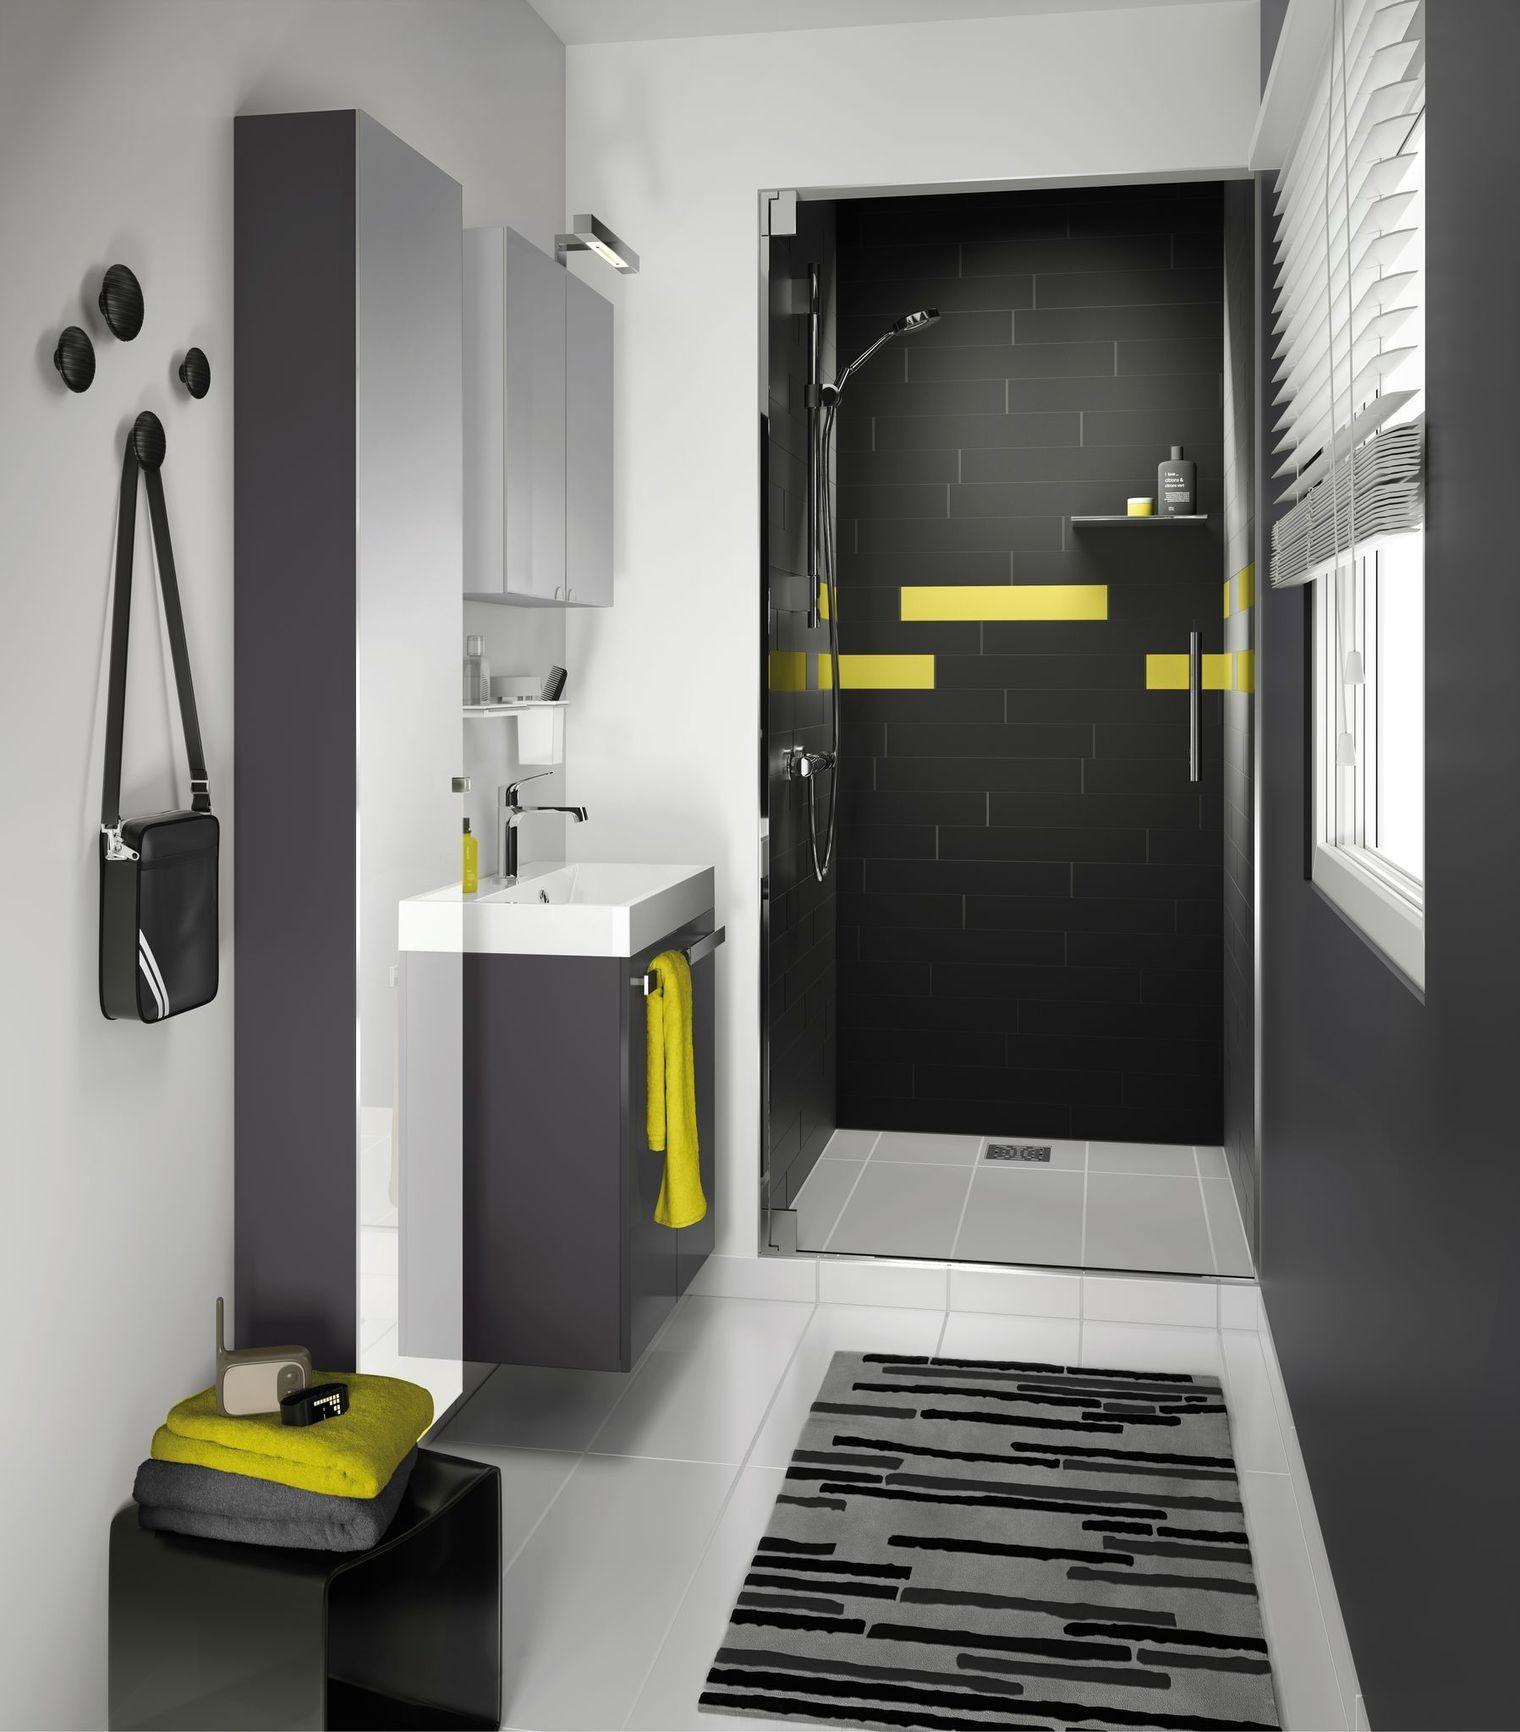 Salle De Bain 2M2 Design Maison Petite D Eau 2m2 Avec | DCO ...